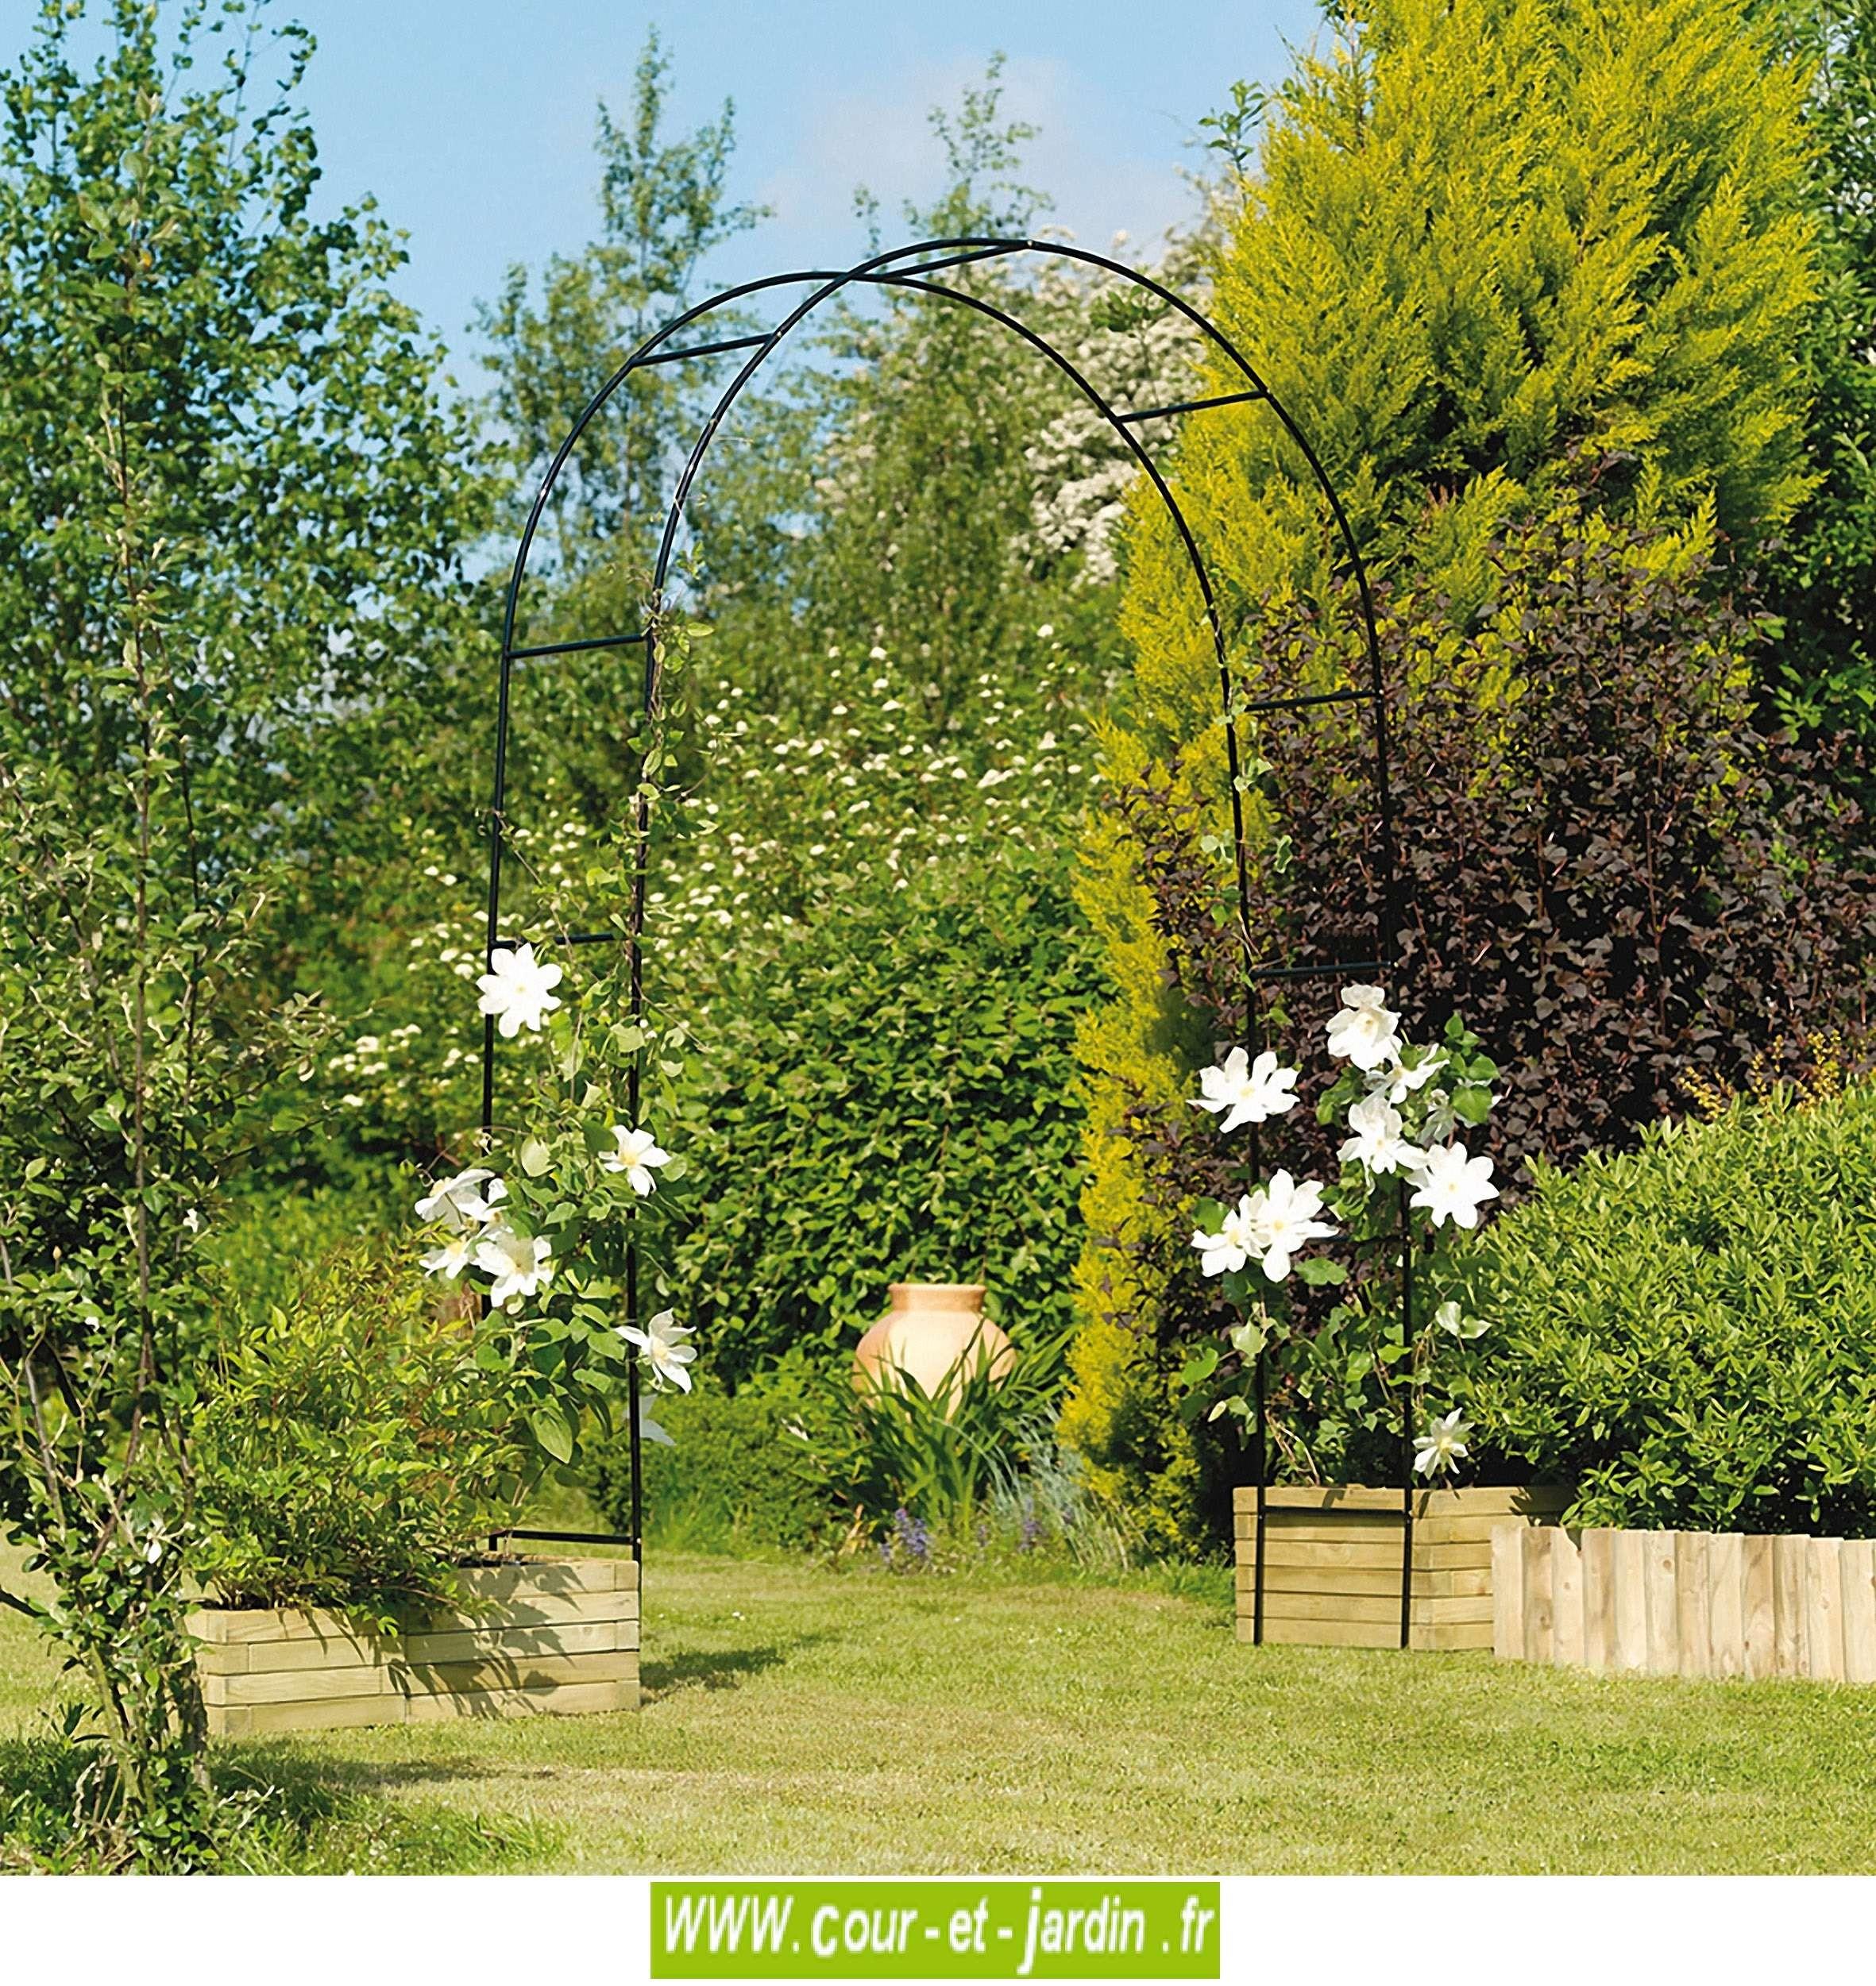 Arche De Jardin, En Métal Easy Arch - Pergola De Jardin ... concernant Arche De Jardin En Fer Forgé